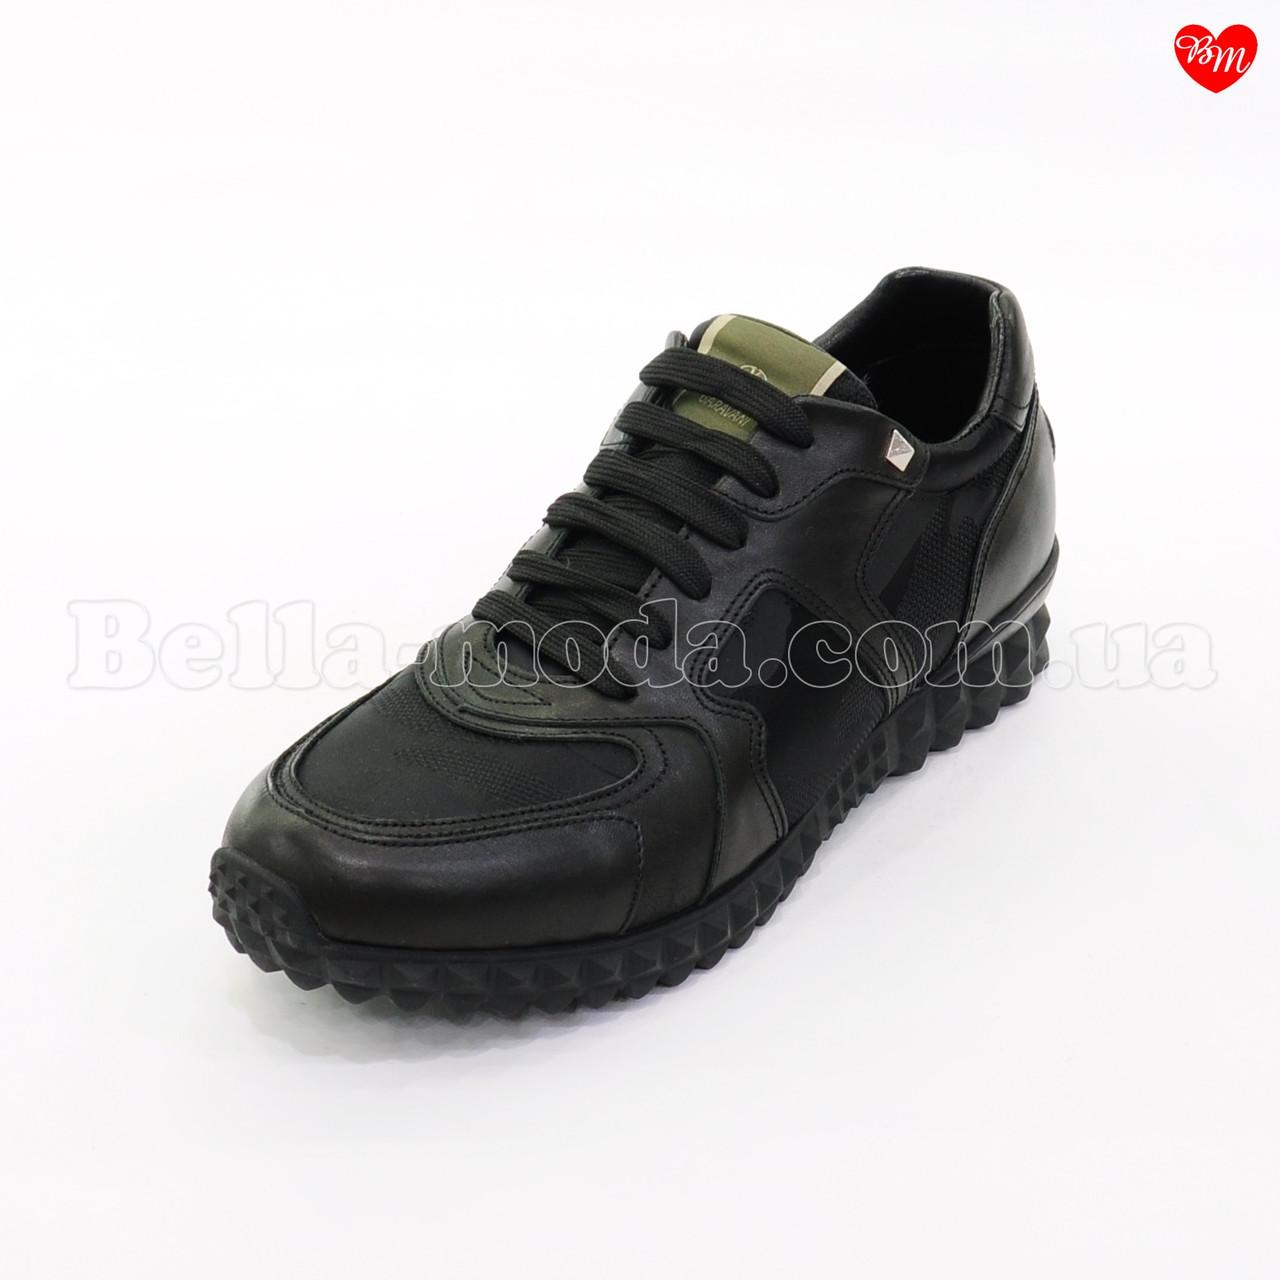 ad5fe86ff0a6 Купить Мужские кроссовки Valentino кожа плащёвка в розницу от ...